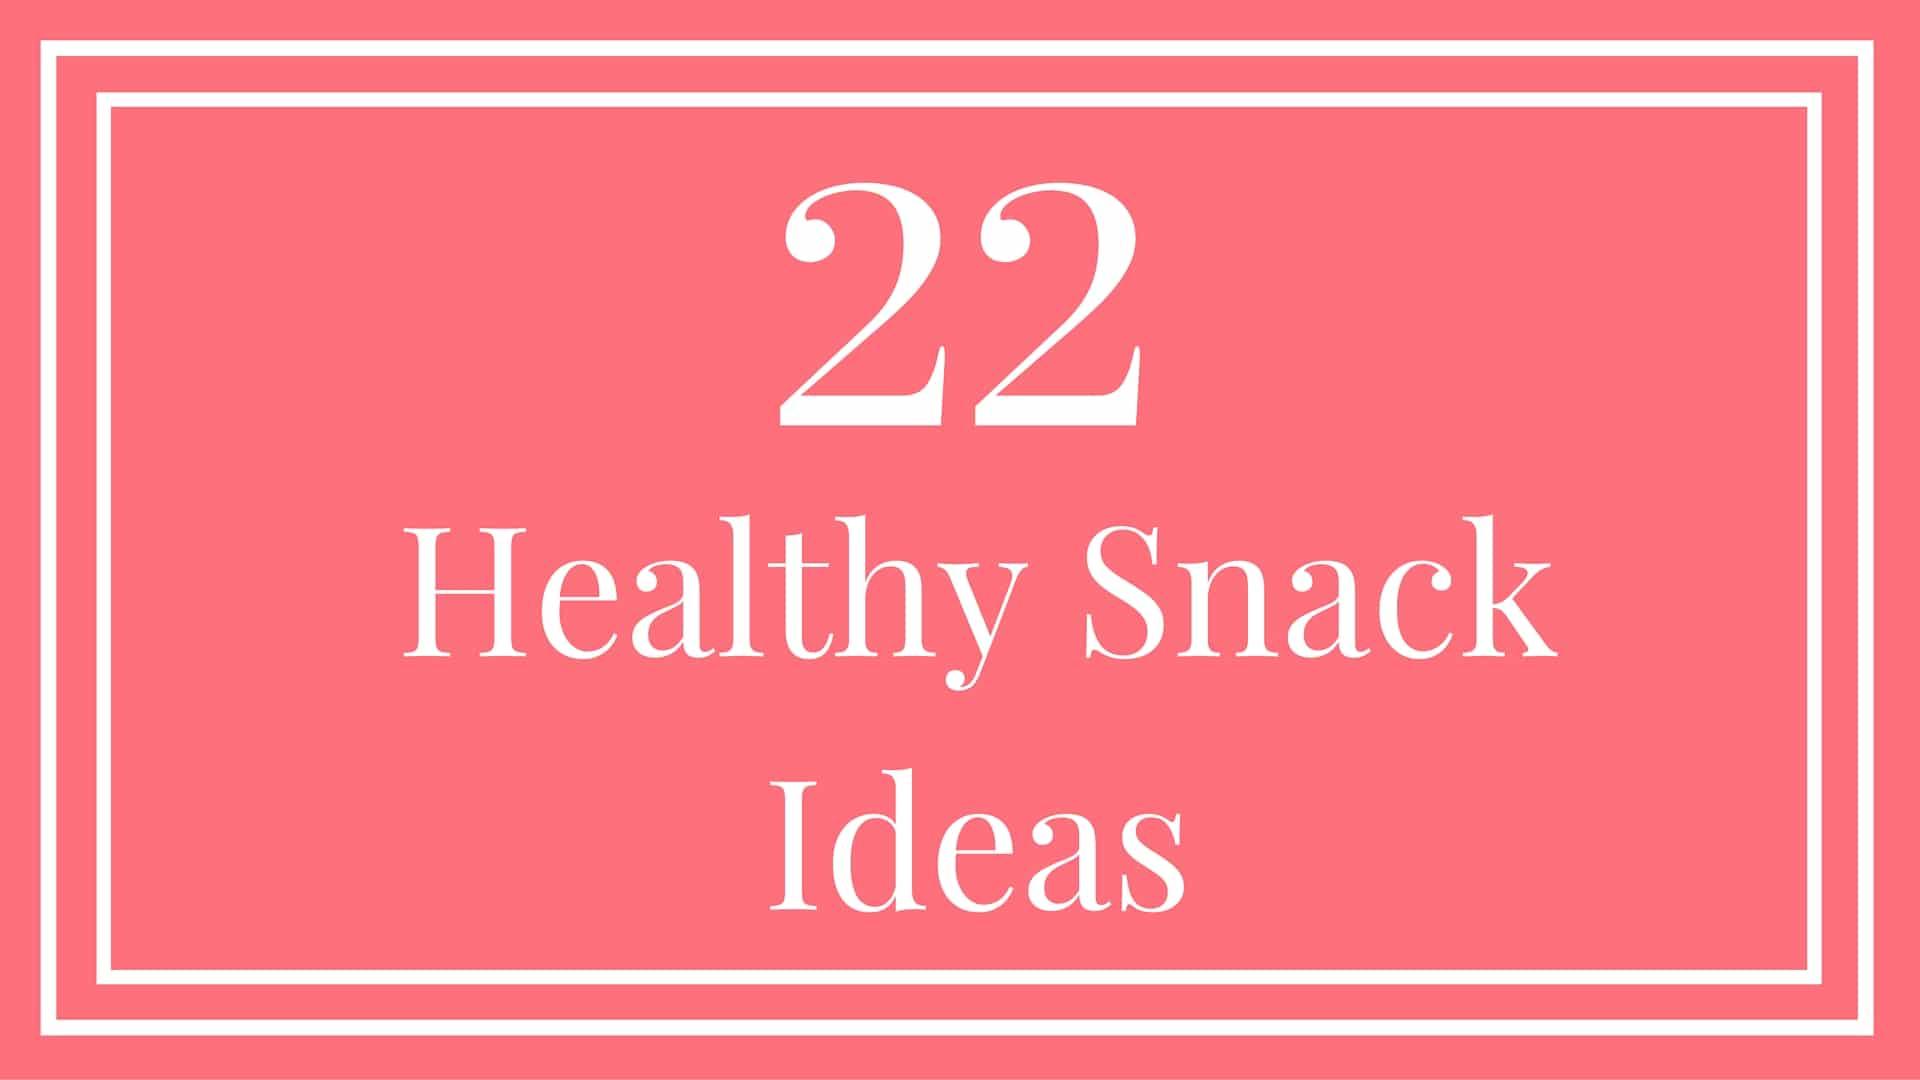 22 Healthy Snack Ideas